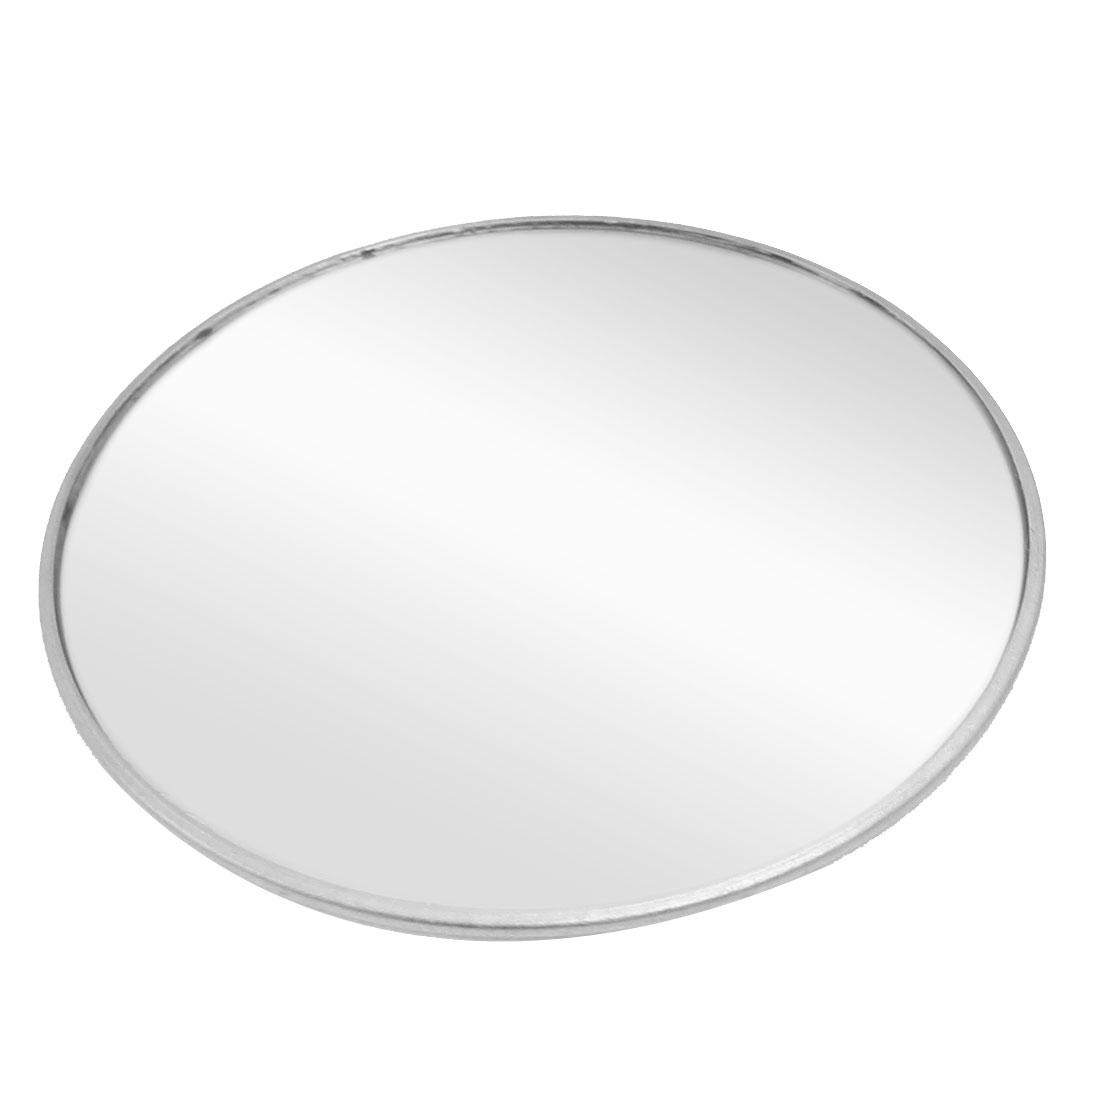 """Car Convex Round Rear View Blind Spot Mirror Silver Tone 3.6"""""""